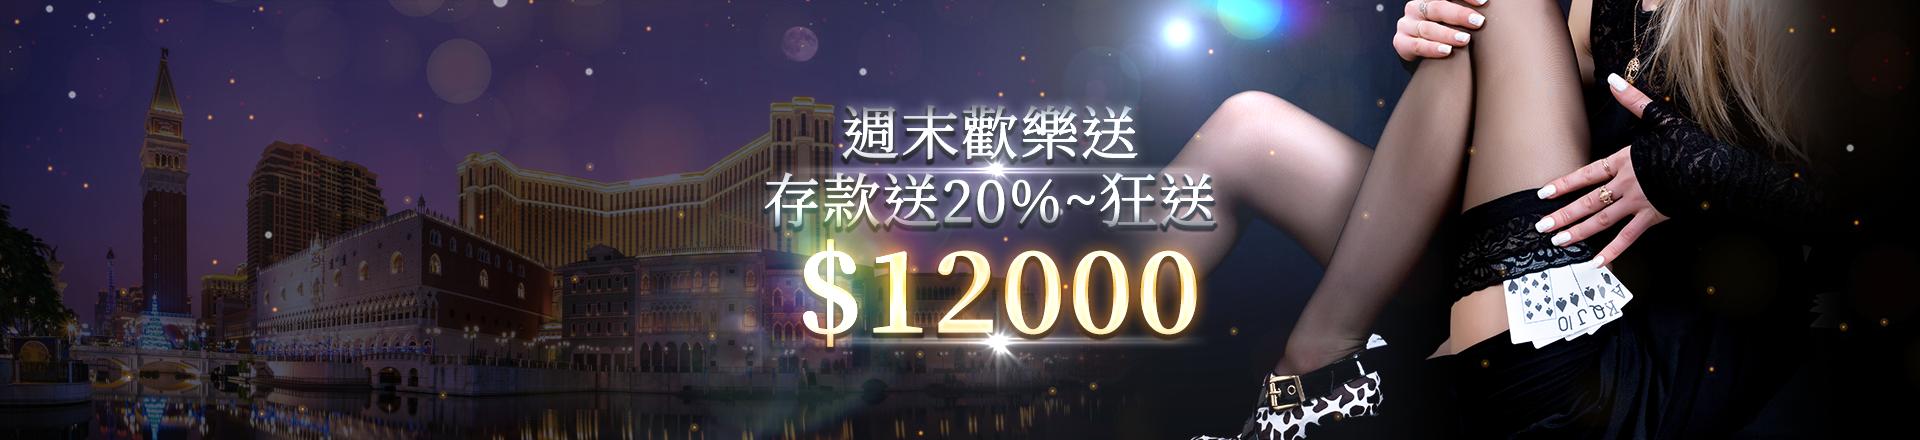 週末歡樂送!存款加贈20%~狂送12000!